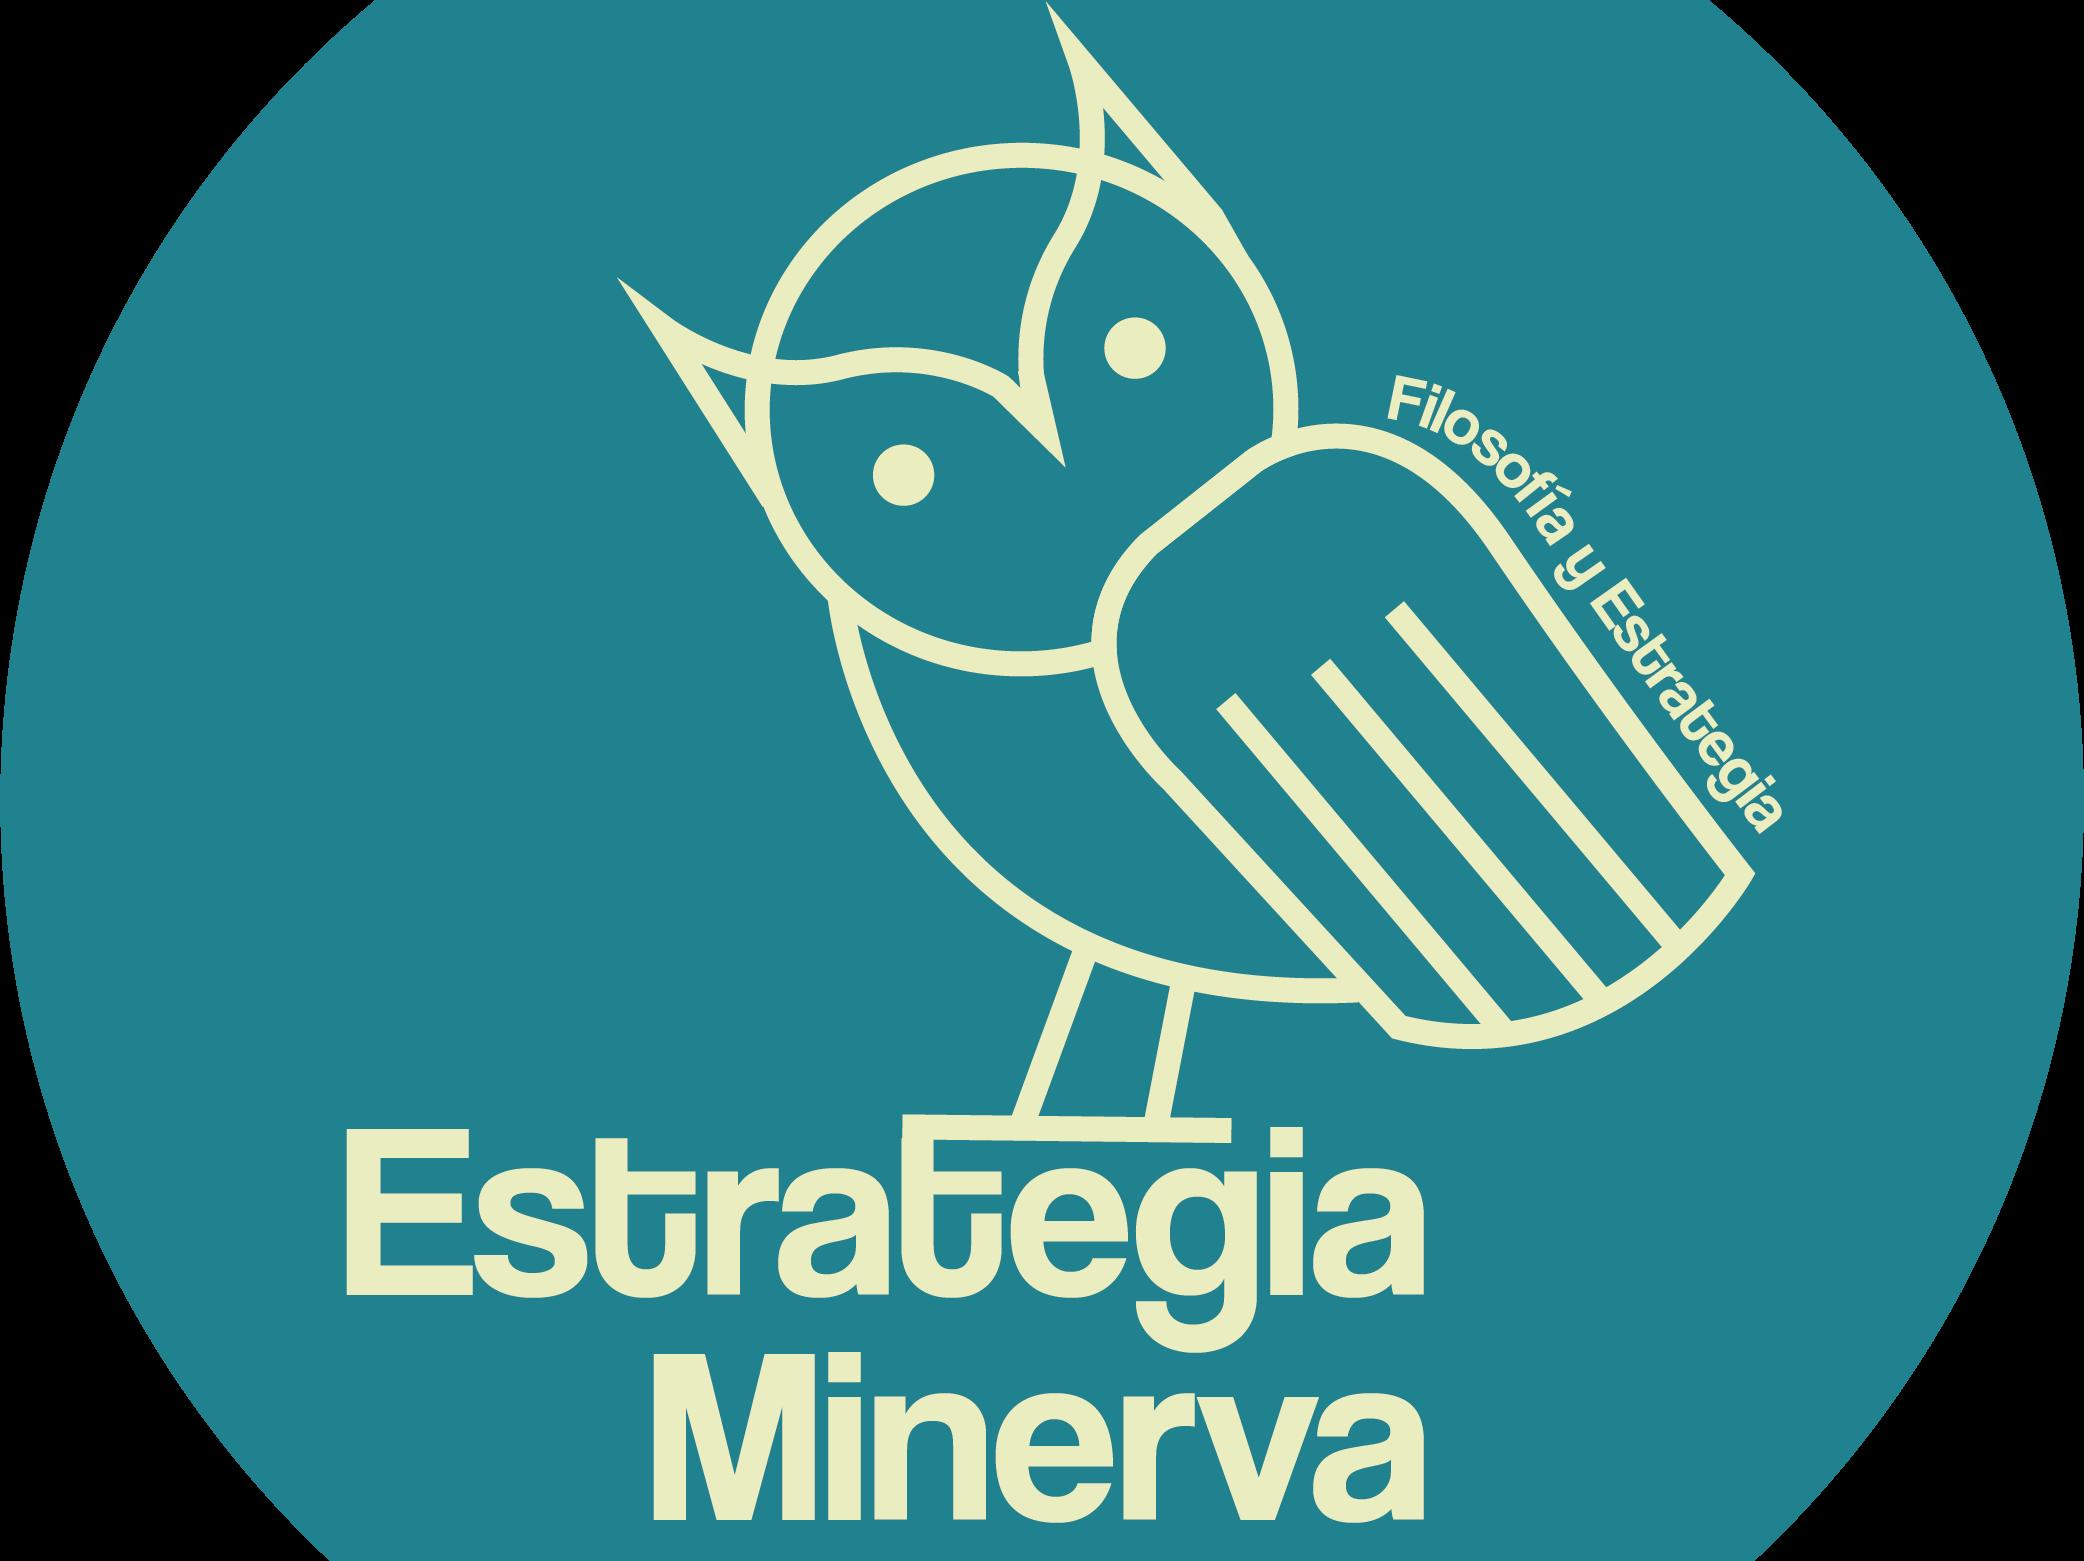 Estrategia Minerva